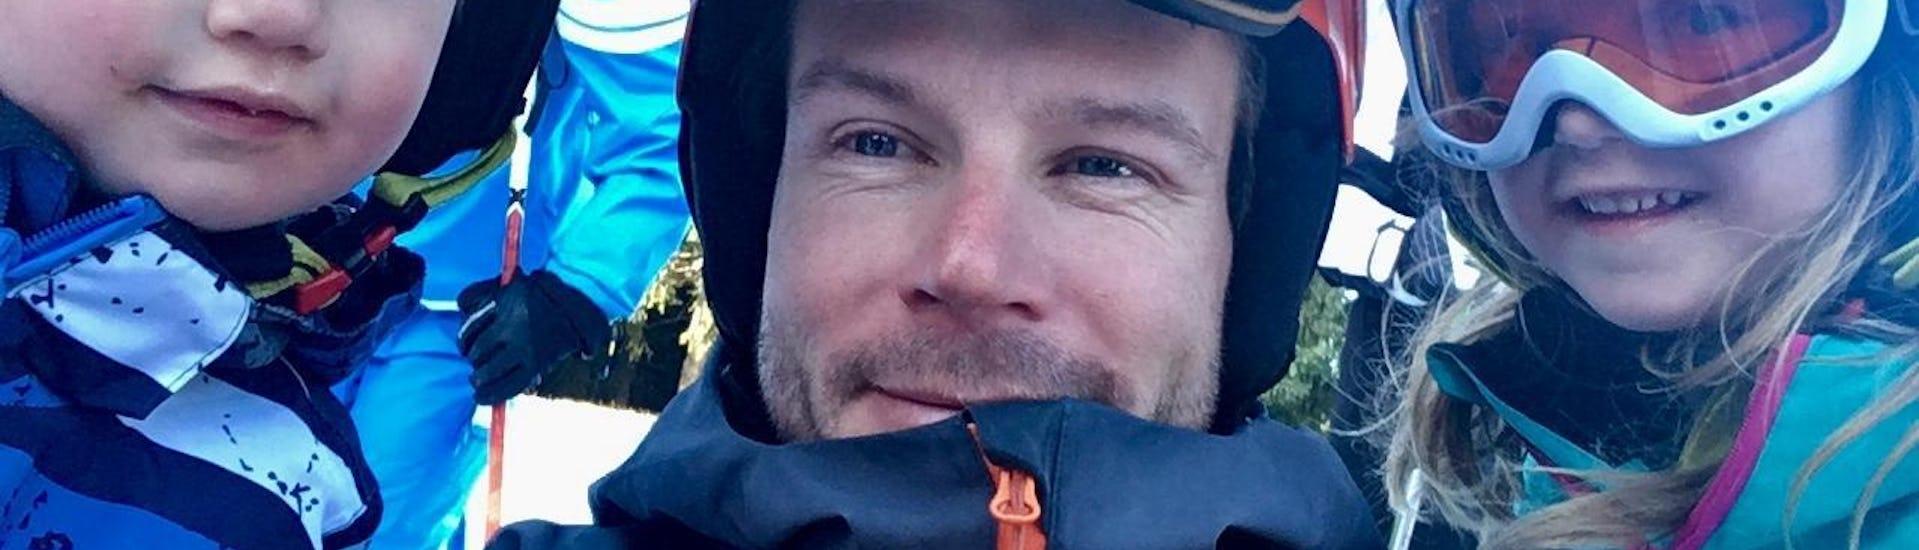 Cours particulier de ski pour Adultes - Midi - Tous niveaux